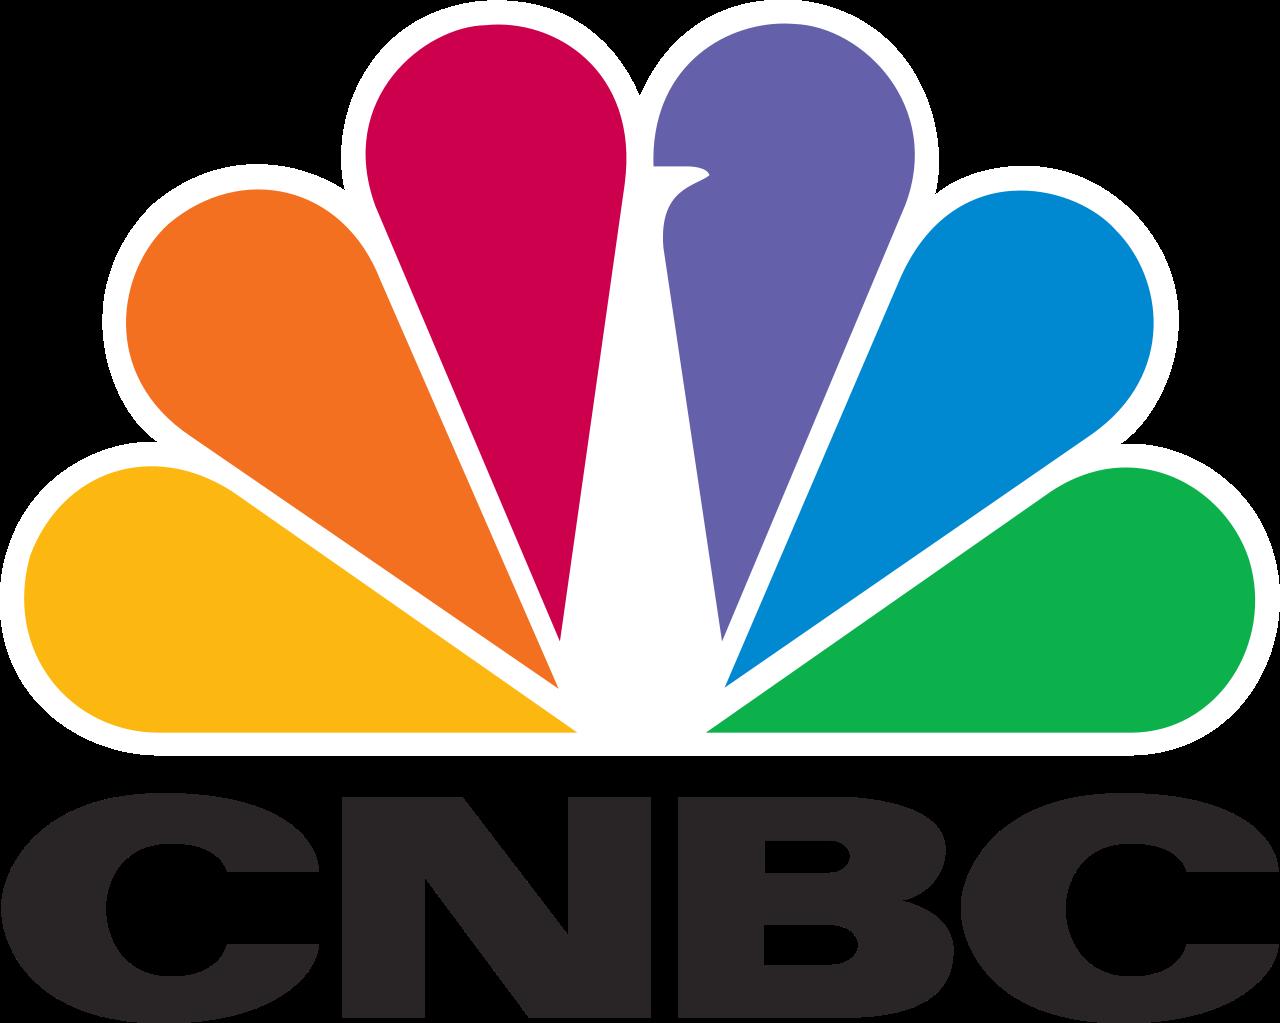 CNBC Transparnet.png